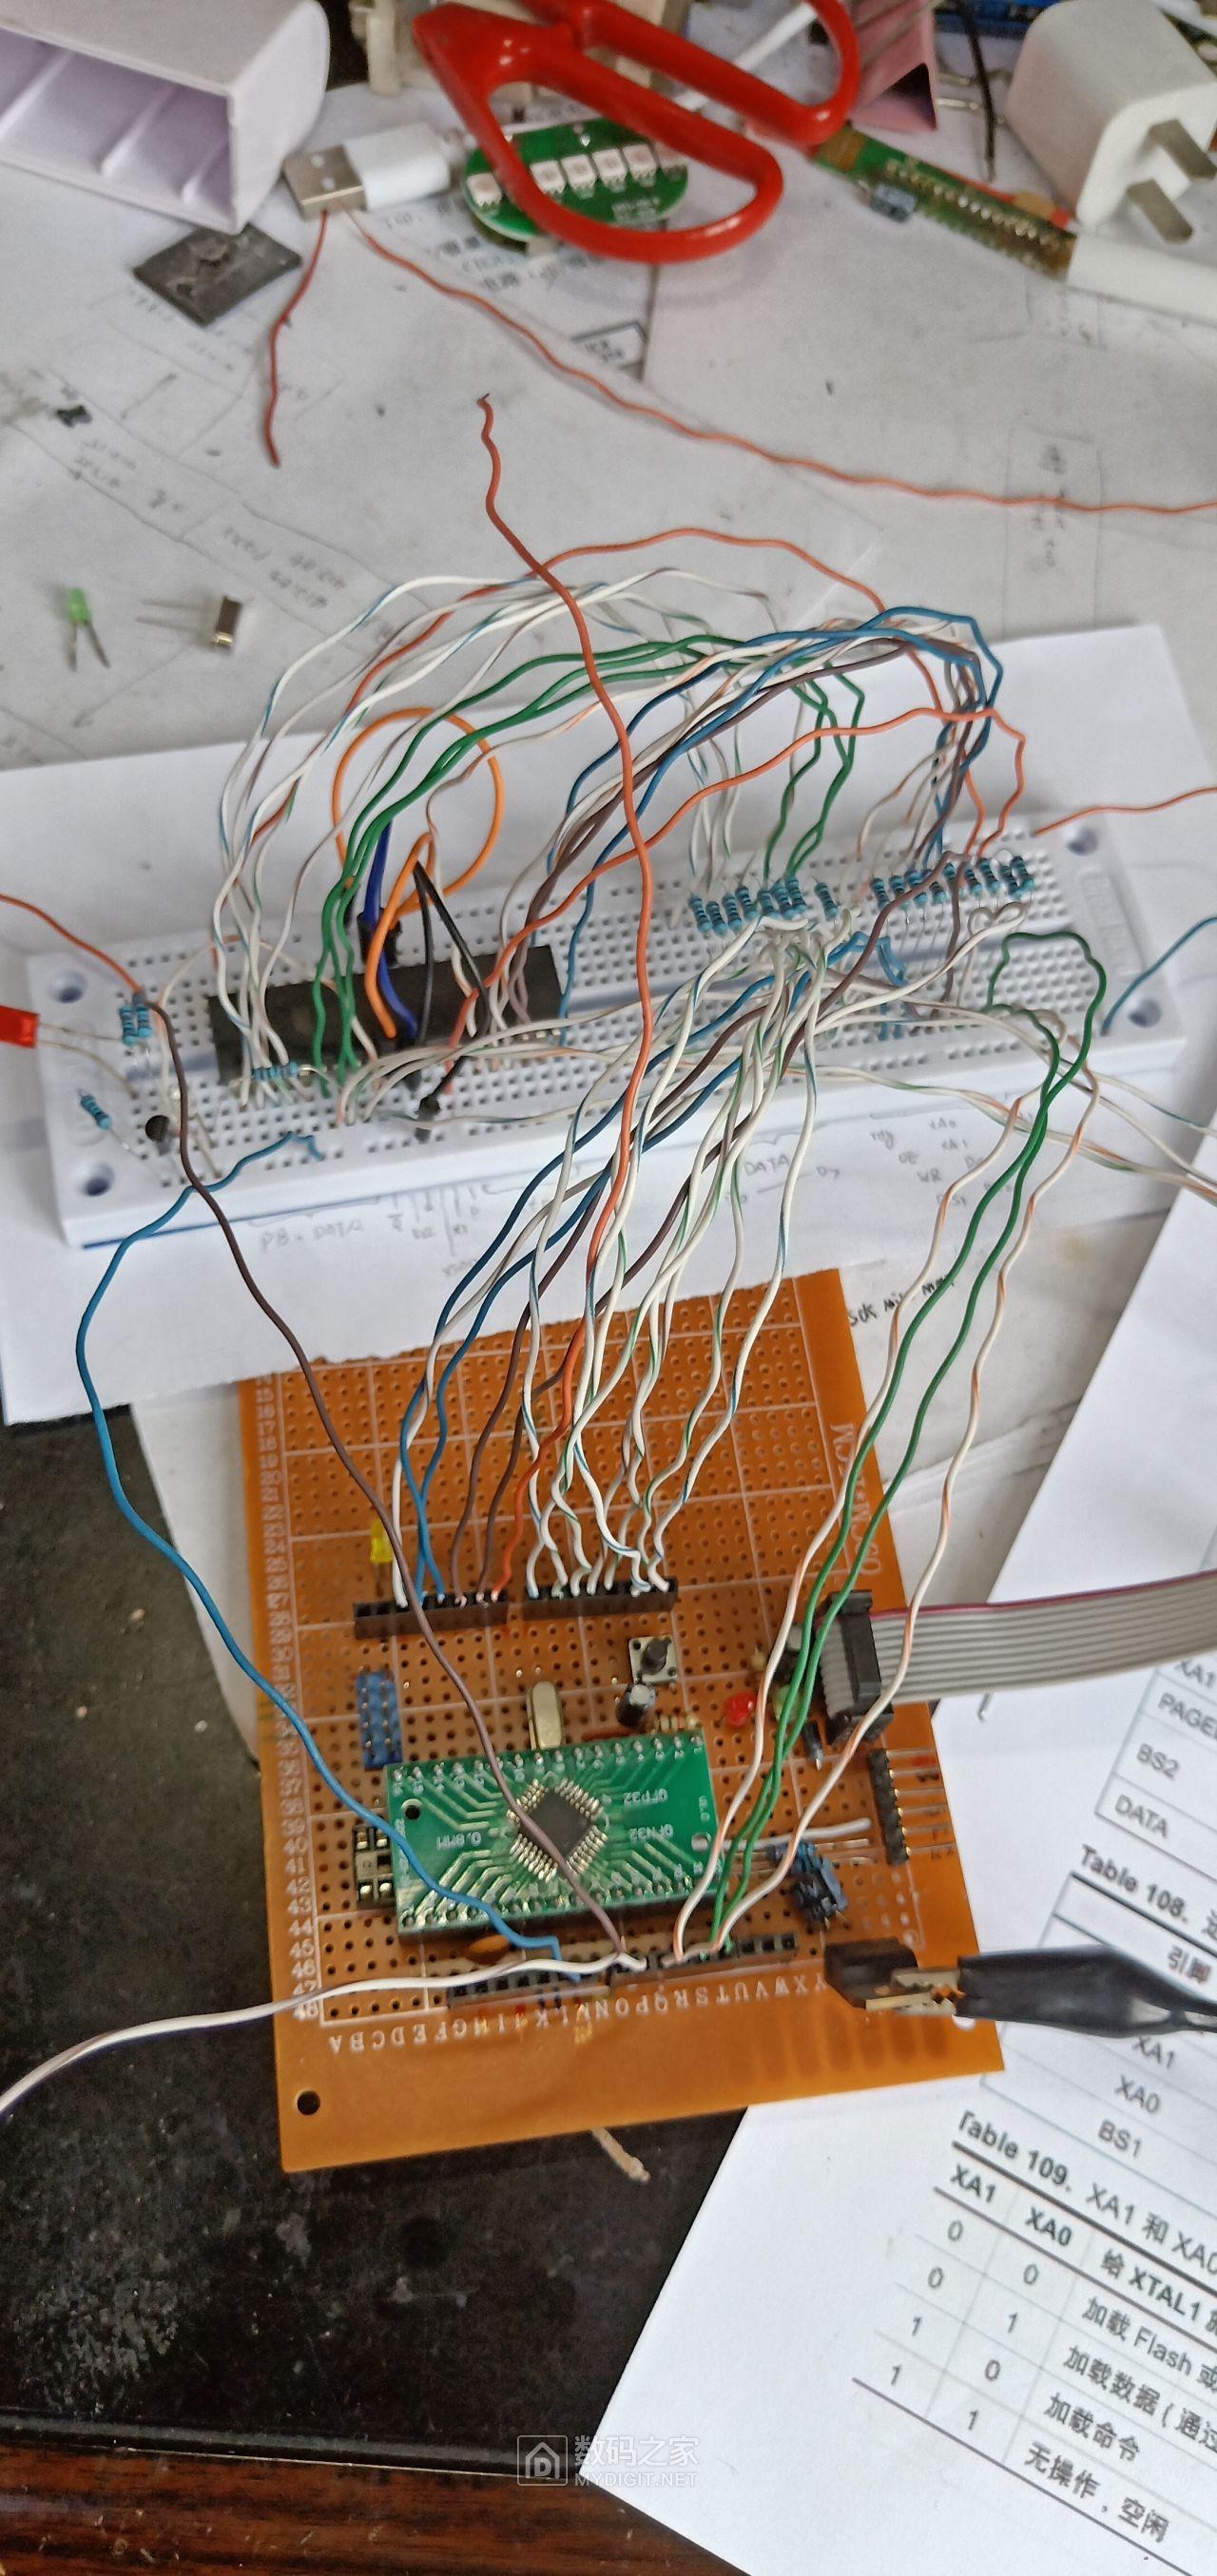 021 硬件电路6.jpg